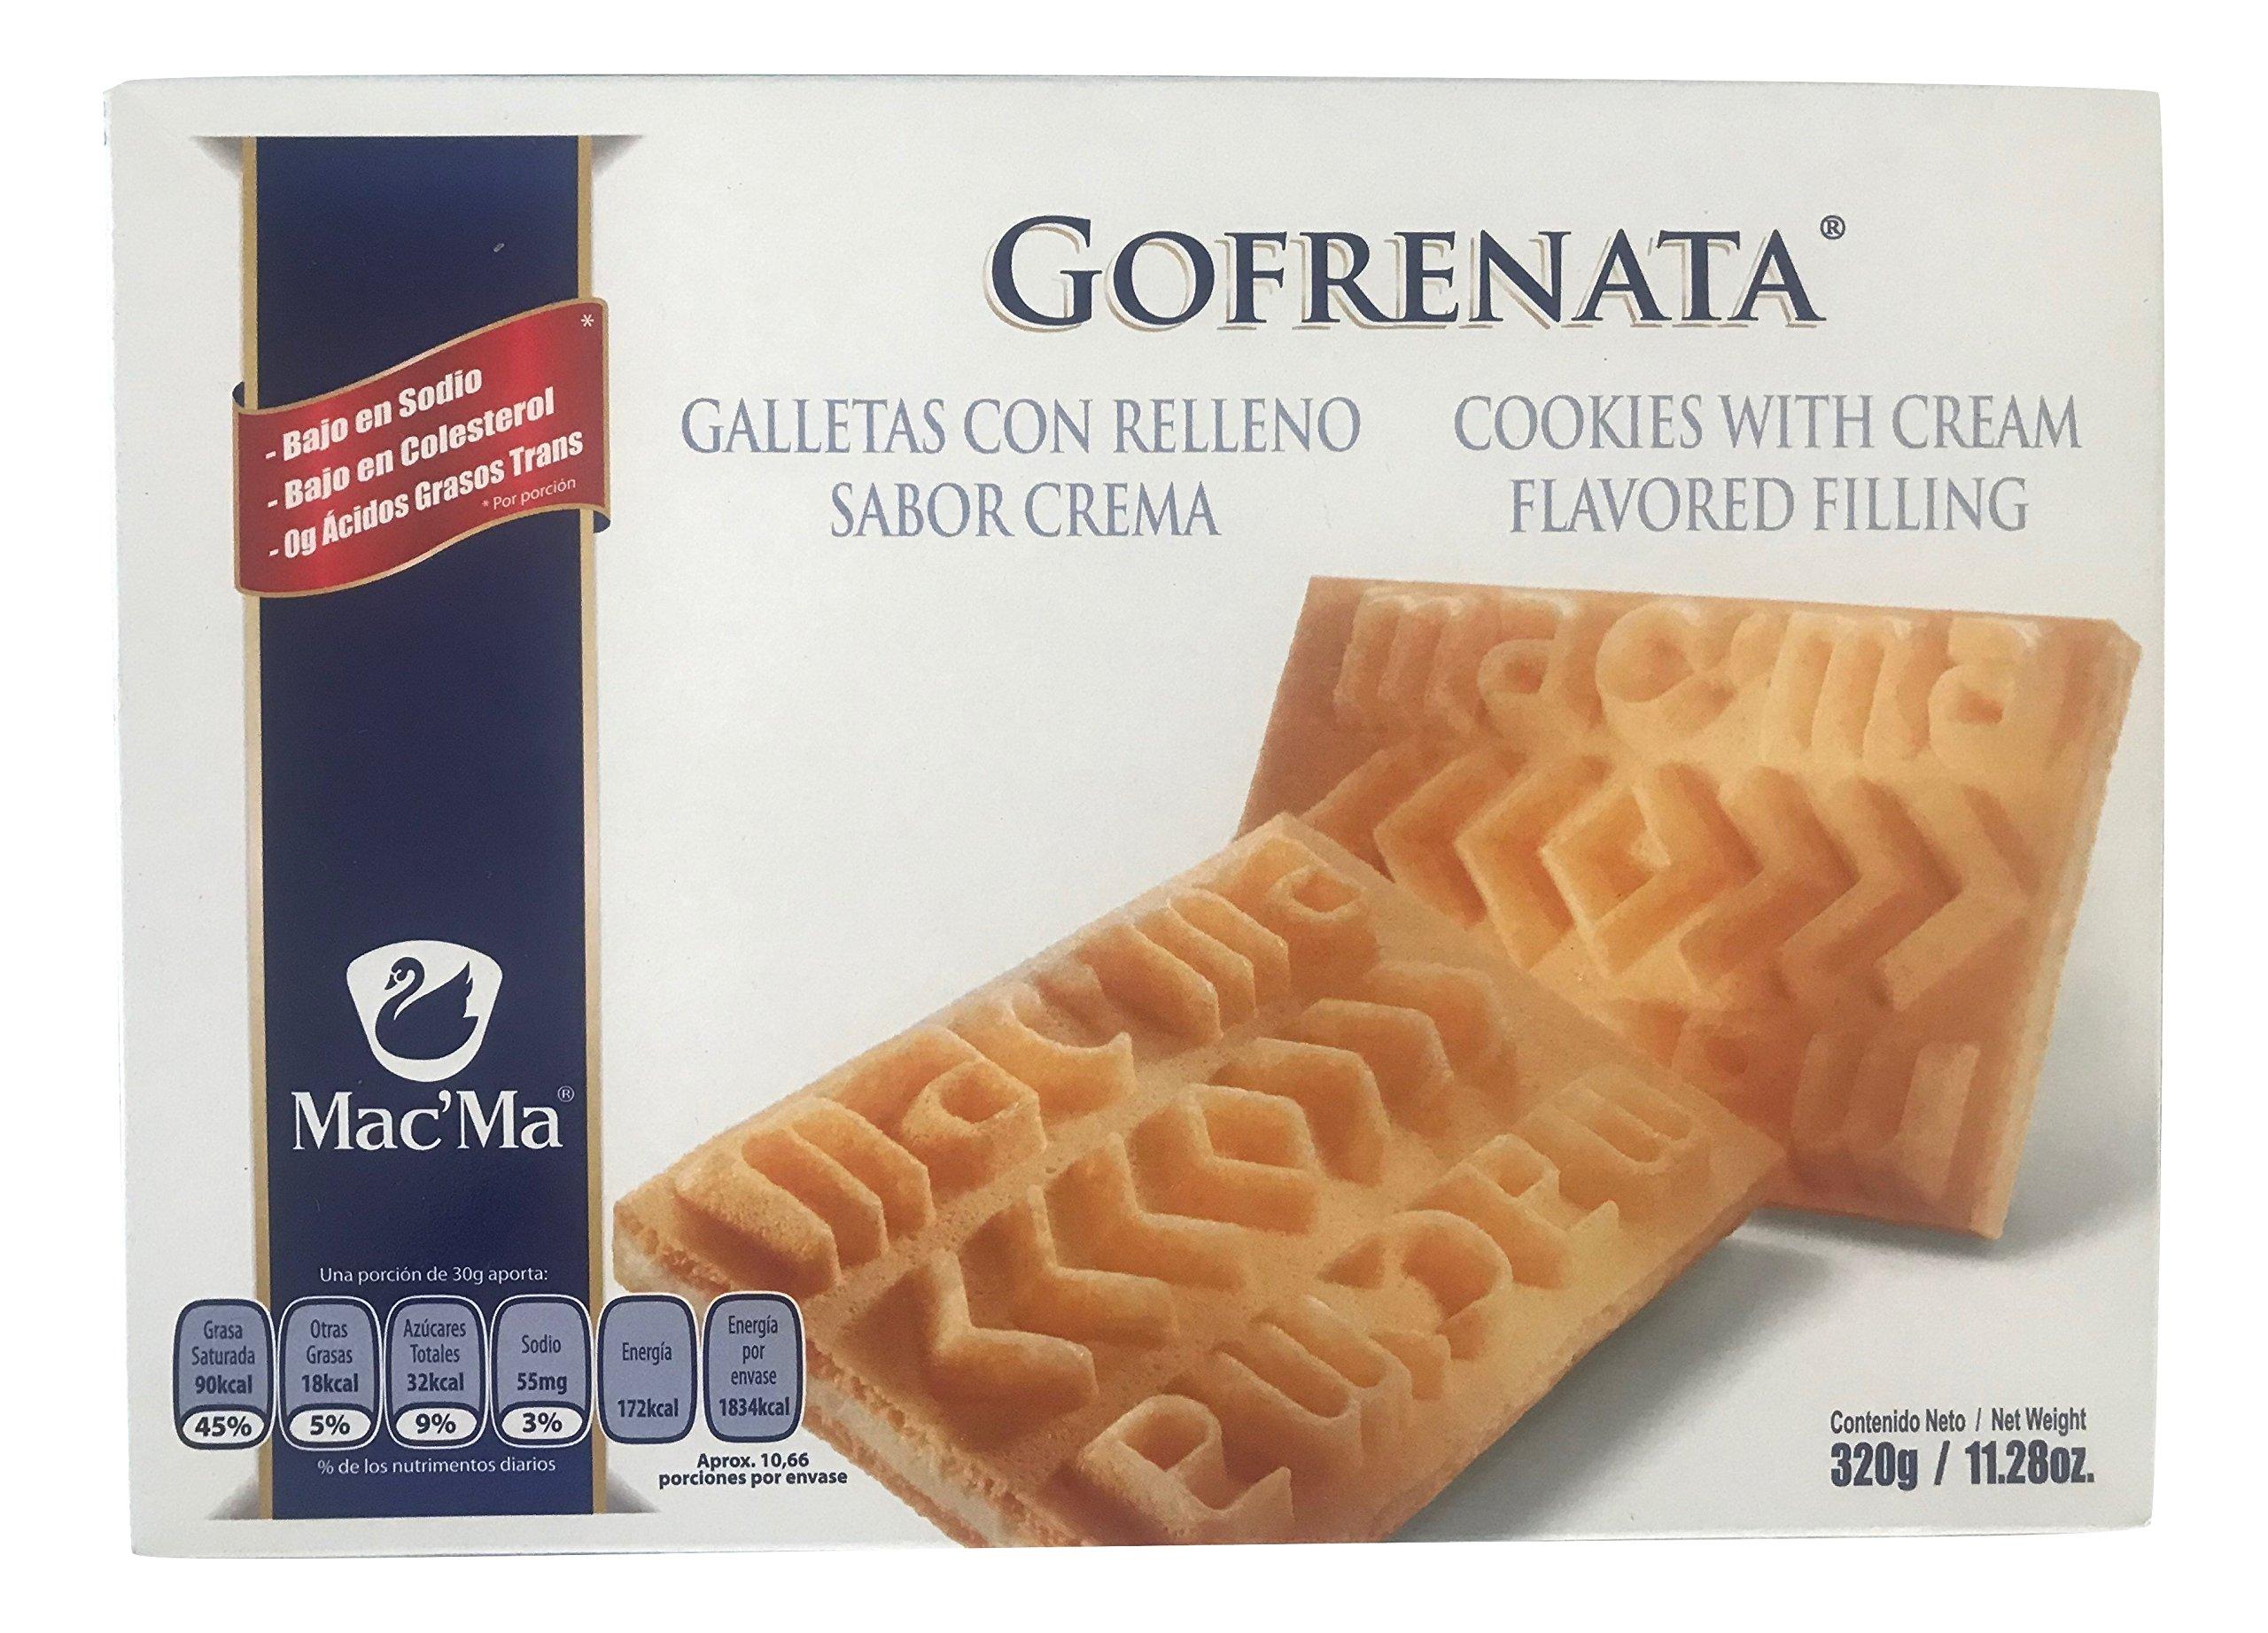 Macma Gofrenata Cookies with Cream Flavored Filing, Mexican Cookies, Galletas con Relleno